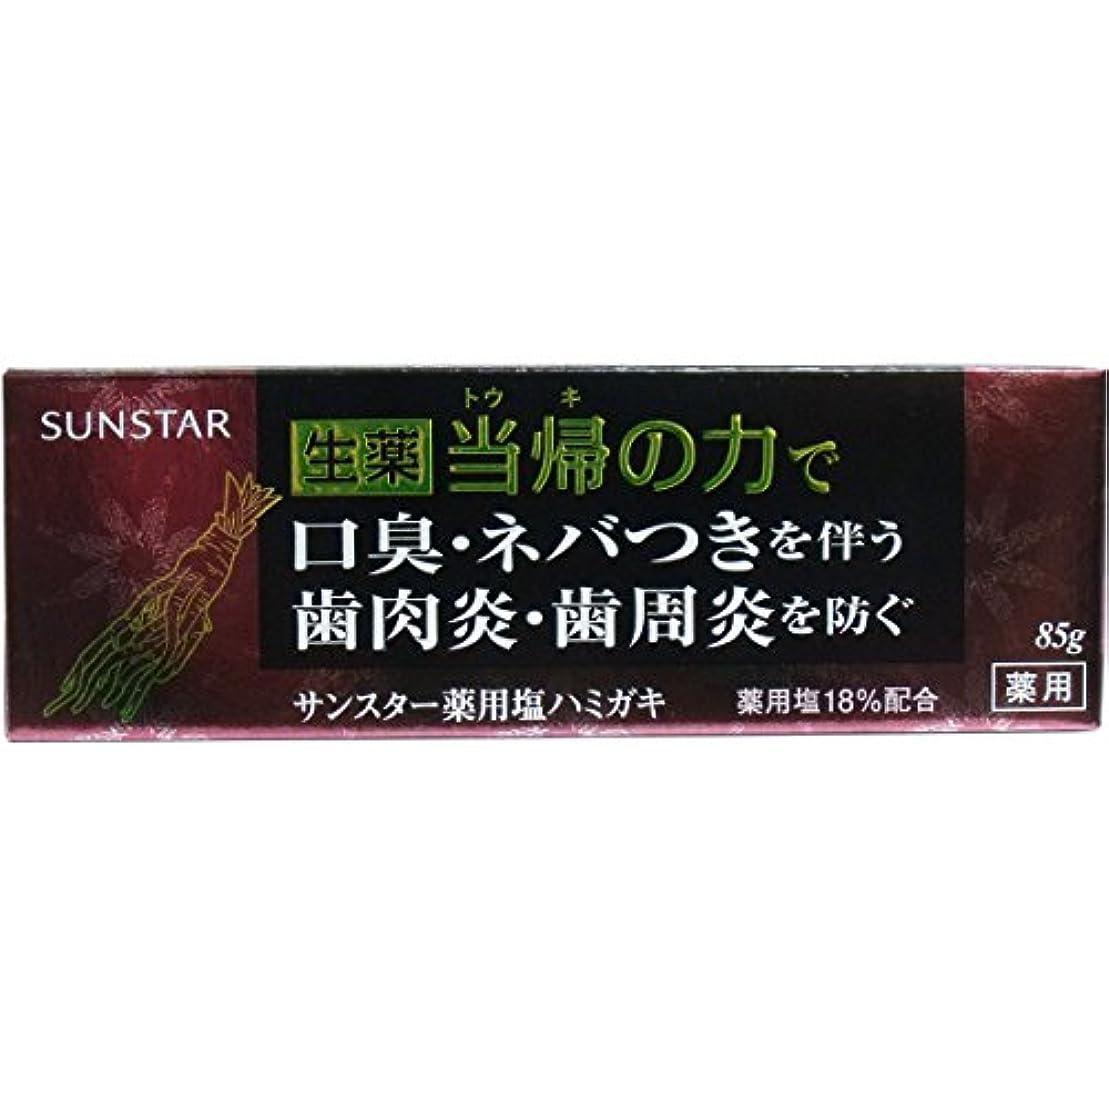 研究ビバ落胆する【まとめ買い】サンスター 薬用 ハミガキ 生薬 当帰の力 85g ×2セット